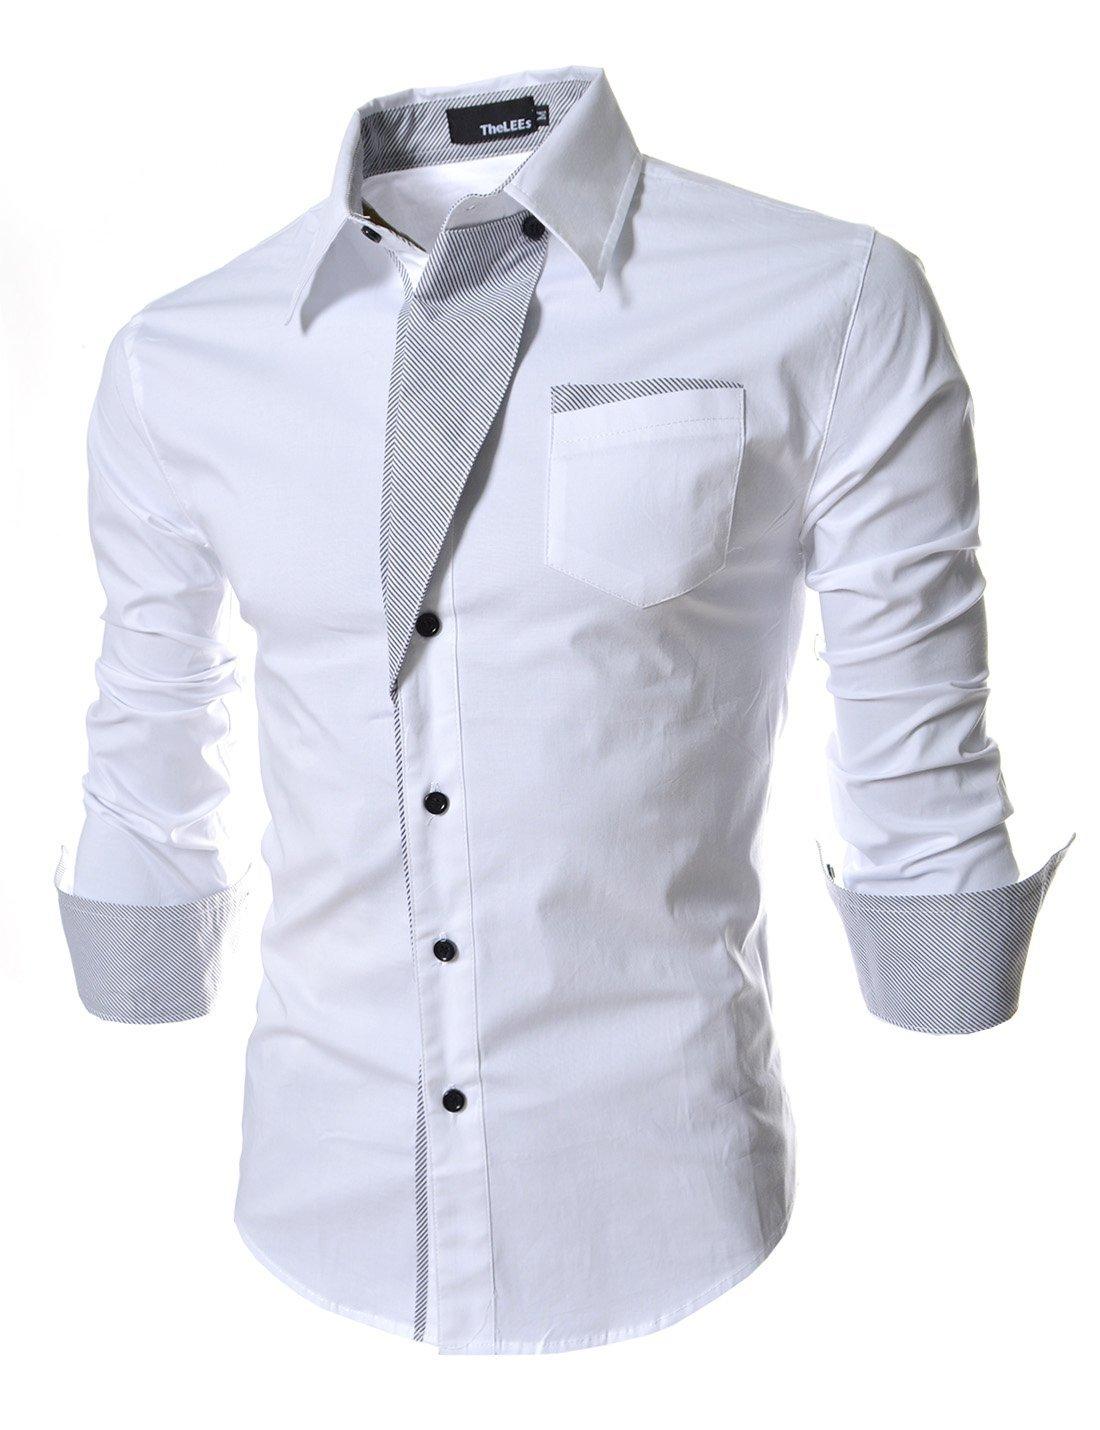 نتیجه تصویری برای مدل پیراهن مردانه